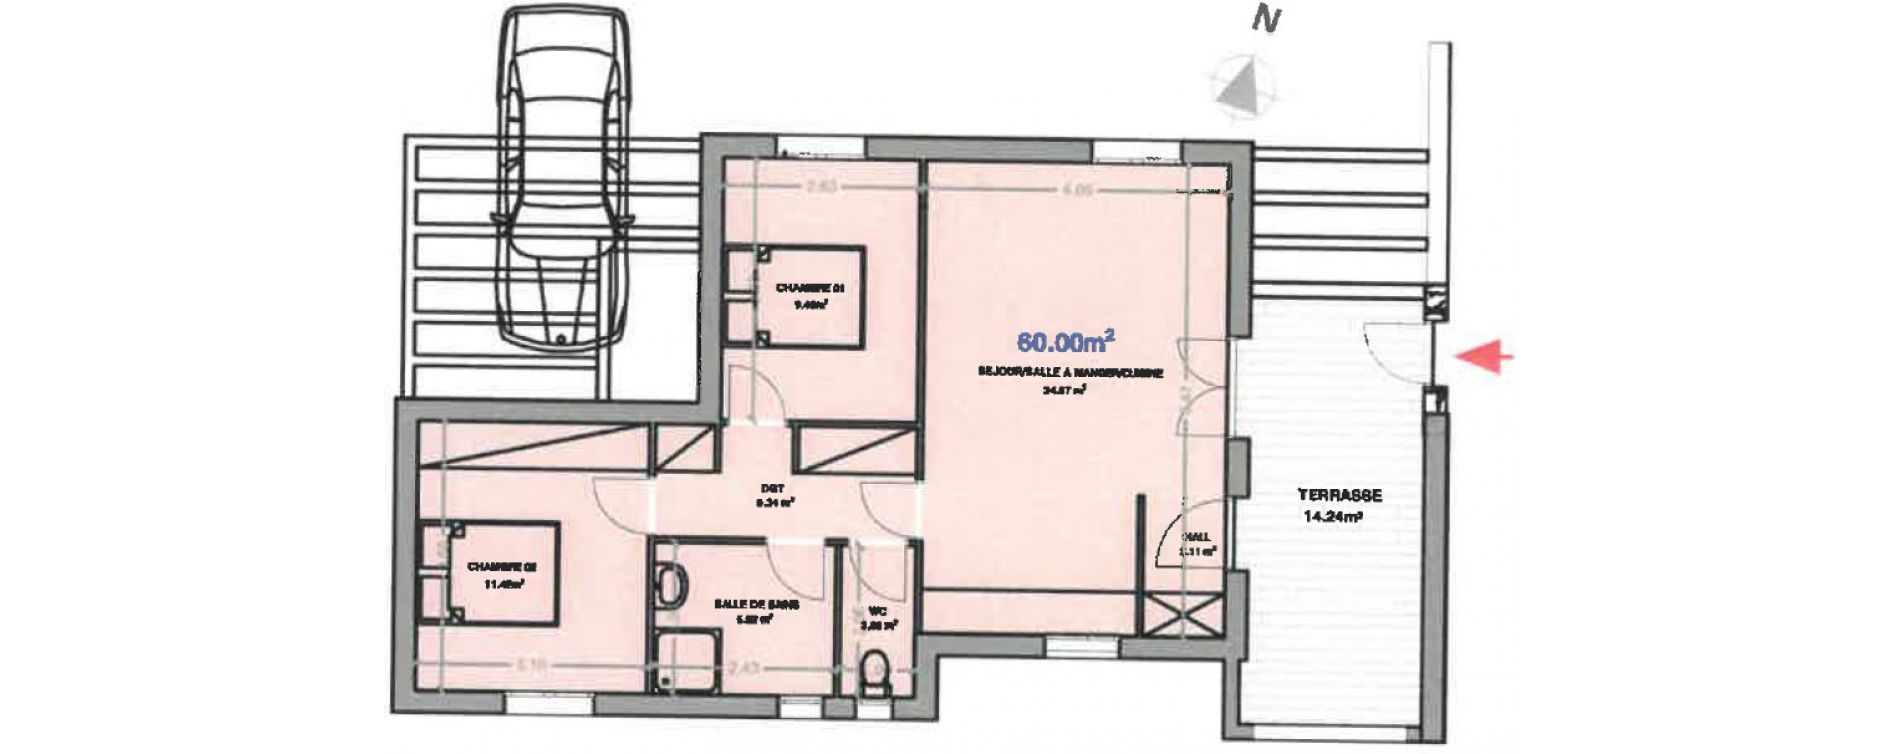 Appartement T3 de 60,00 m2 à Calenzana Centre